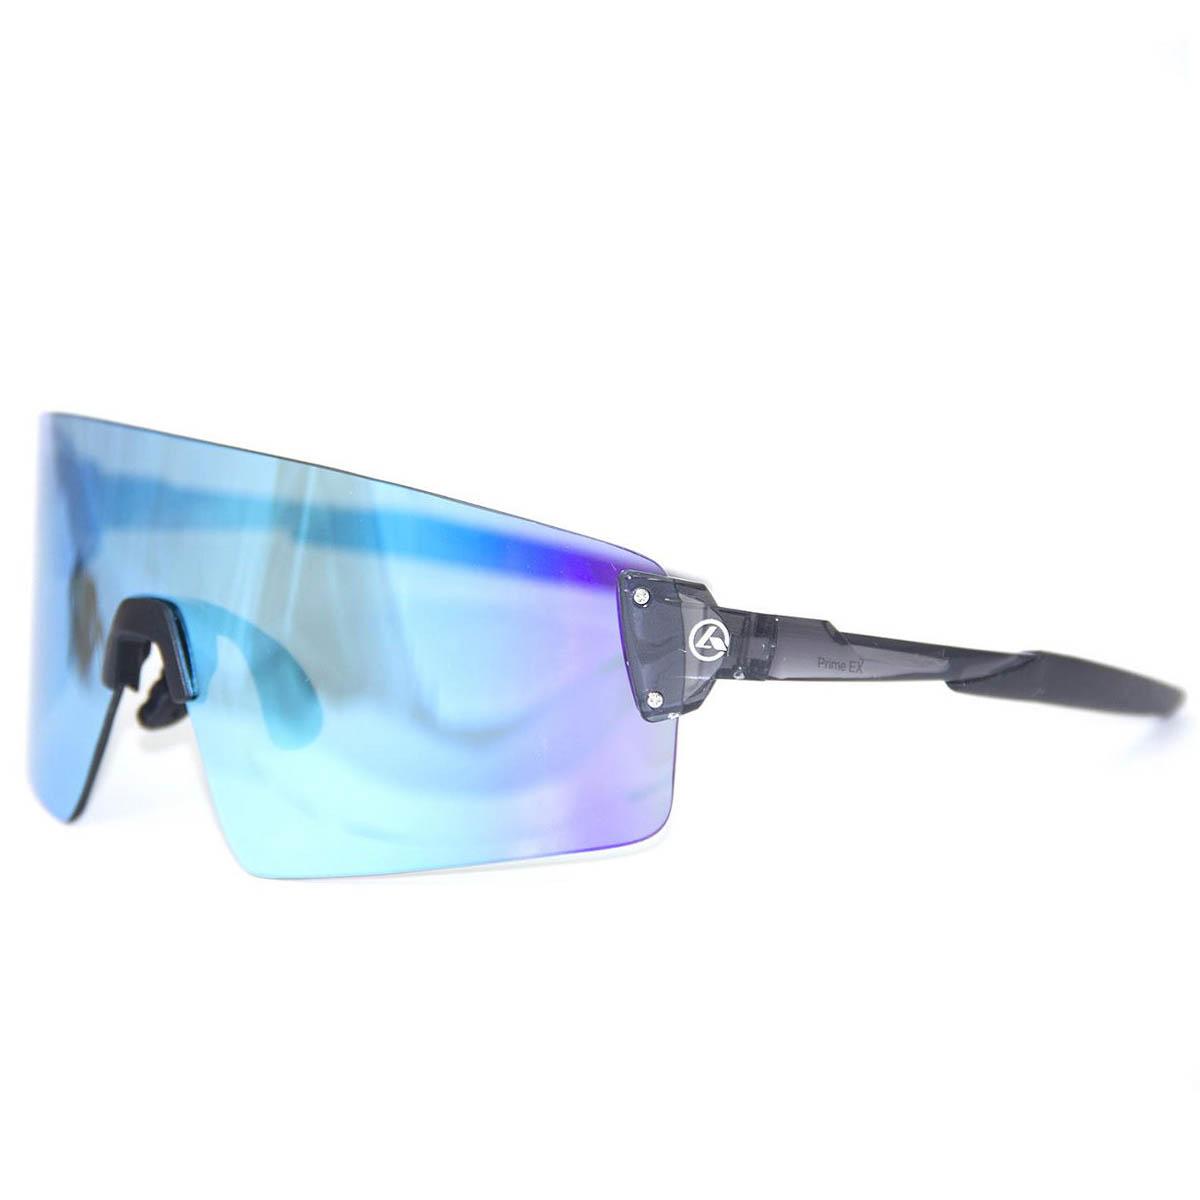 Óculos Ciclismo Absolute Prime EX Cinza Lente Roxa - CICLES ELITON